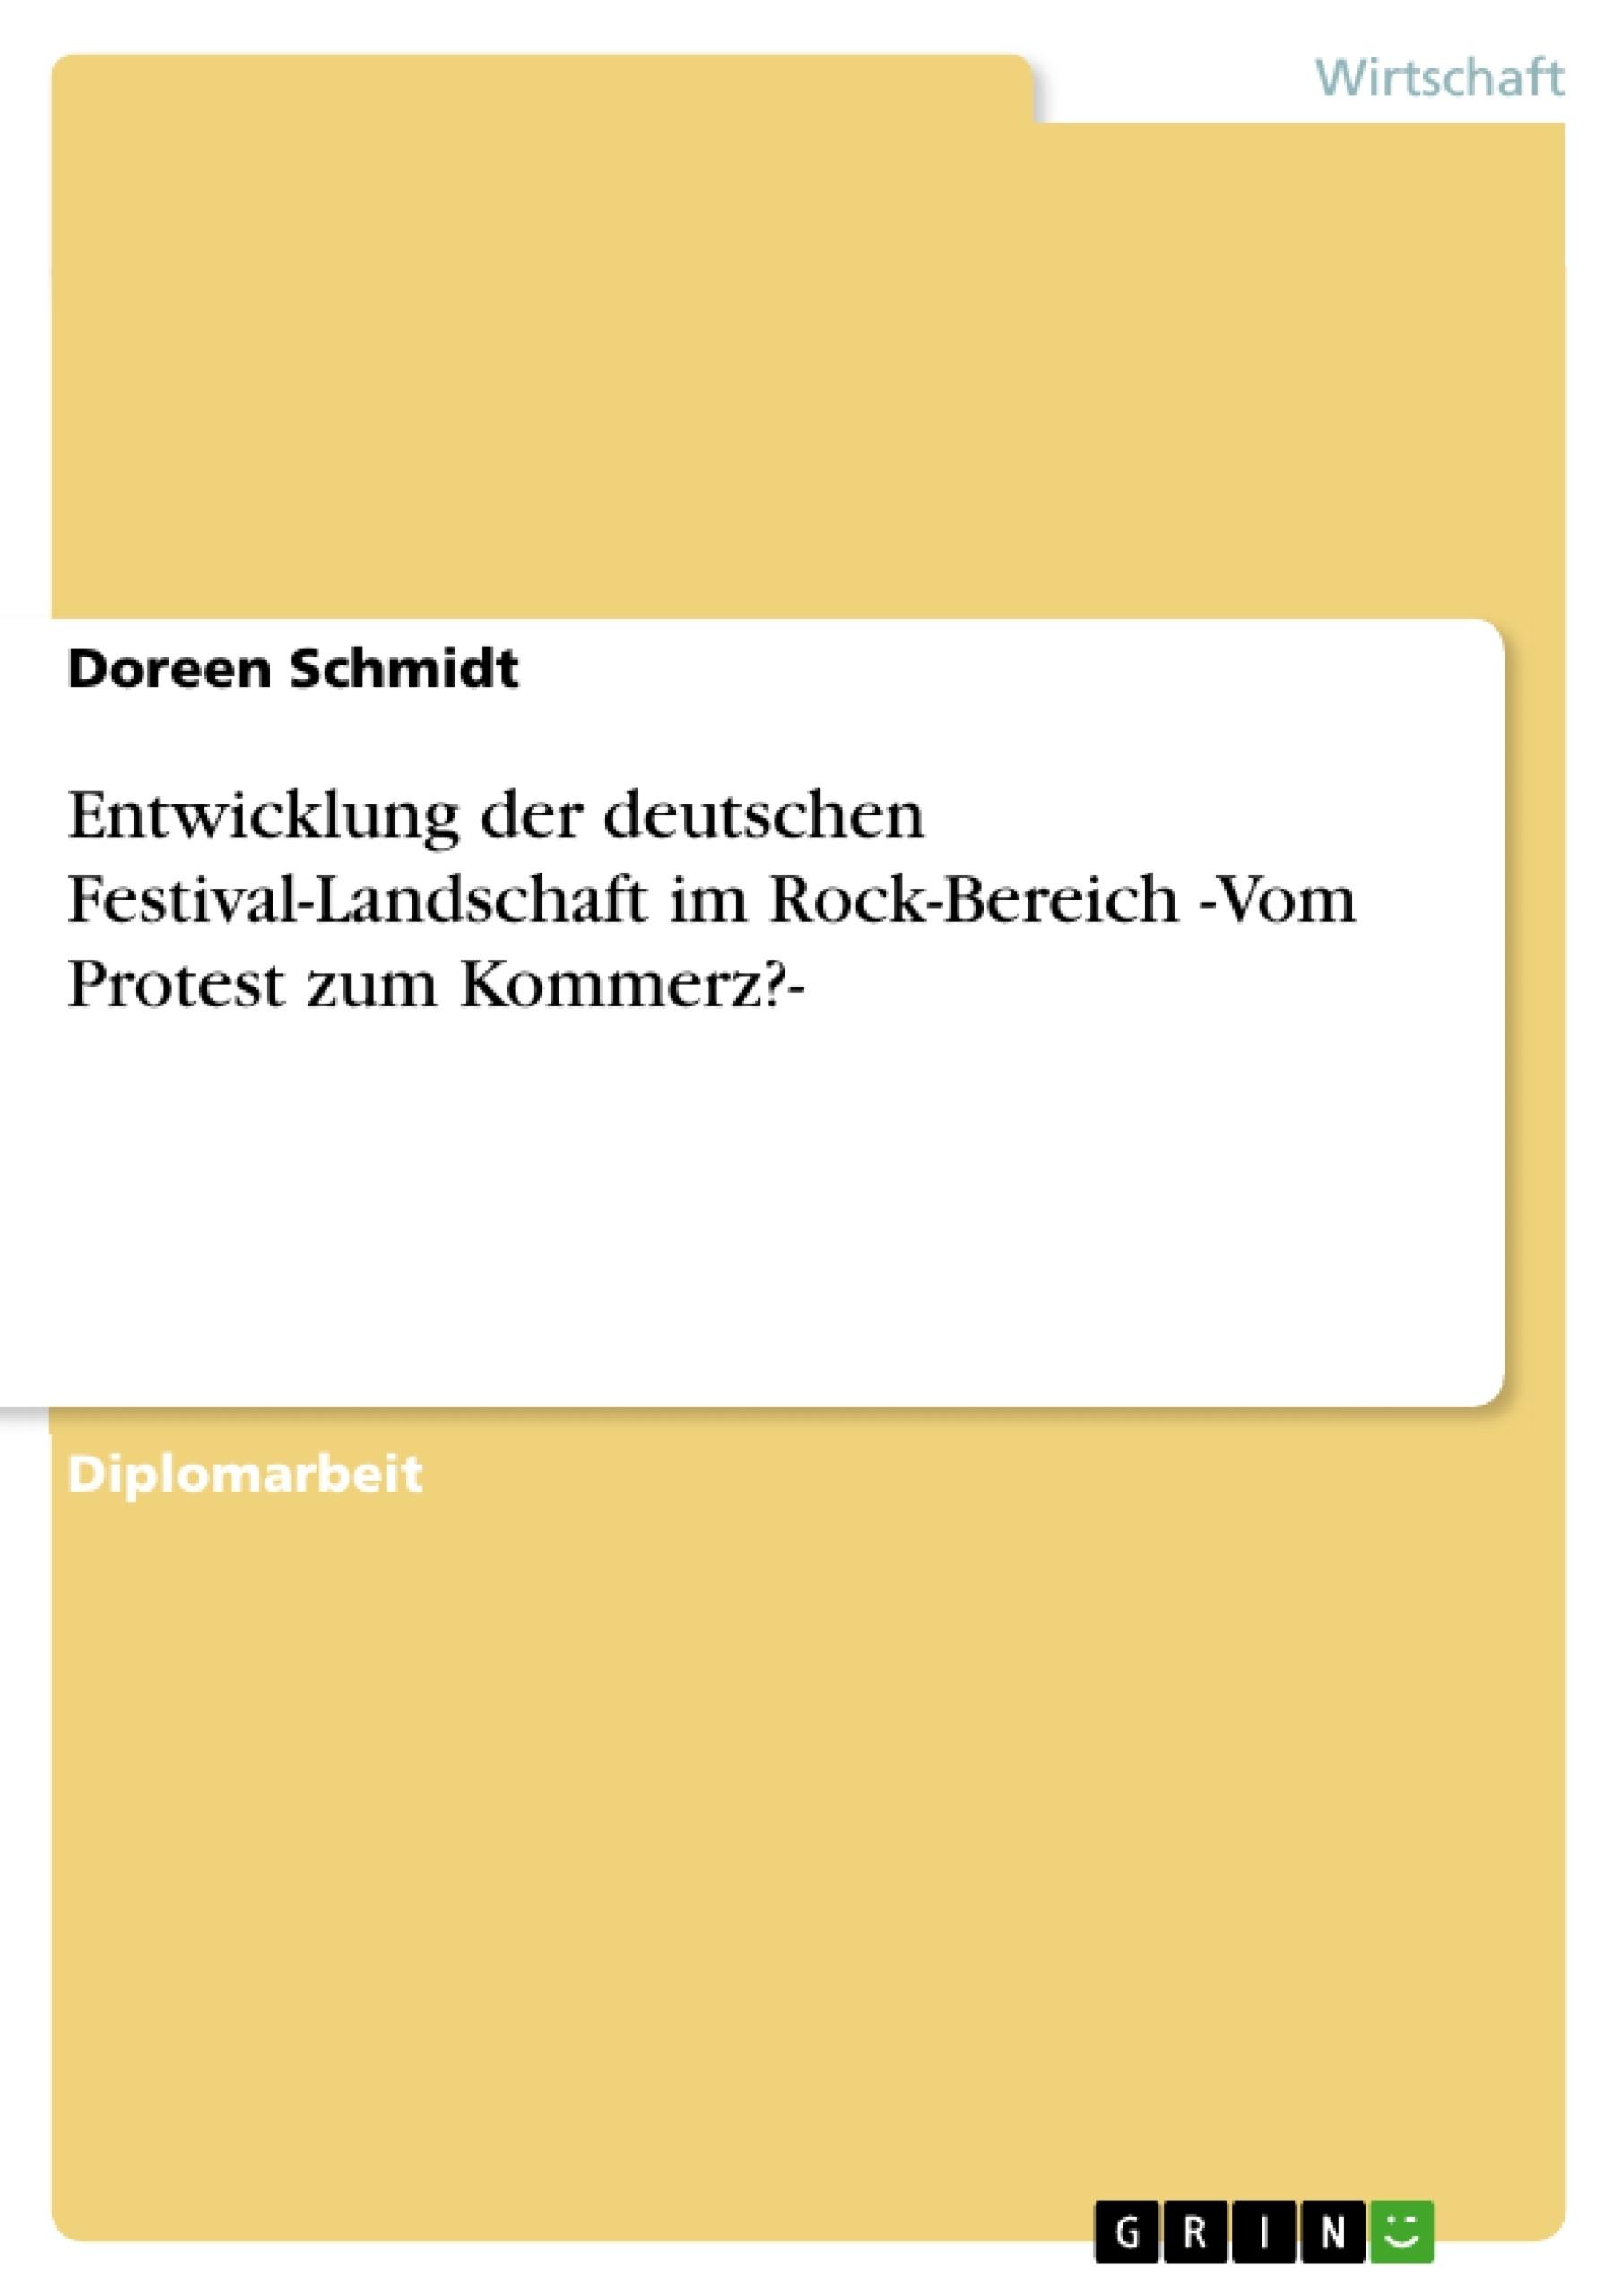 Titel: Entwicklung der deutschen Festival-Landschaft im Rock-Bereich -Vom Protest zum Kommerz?-